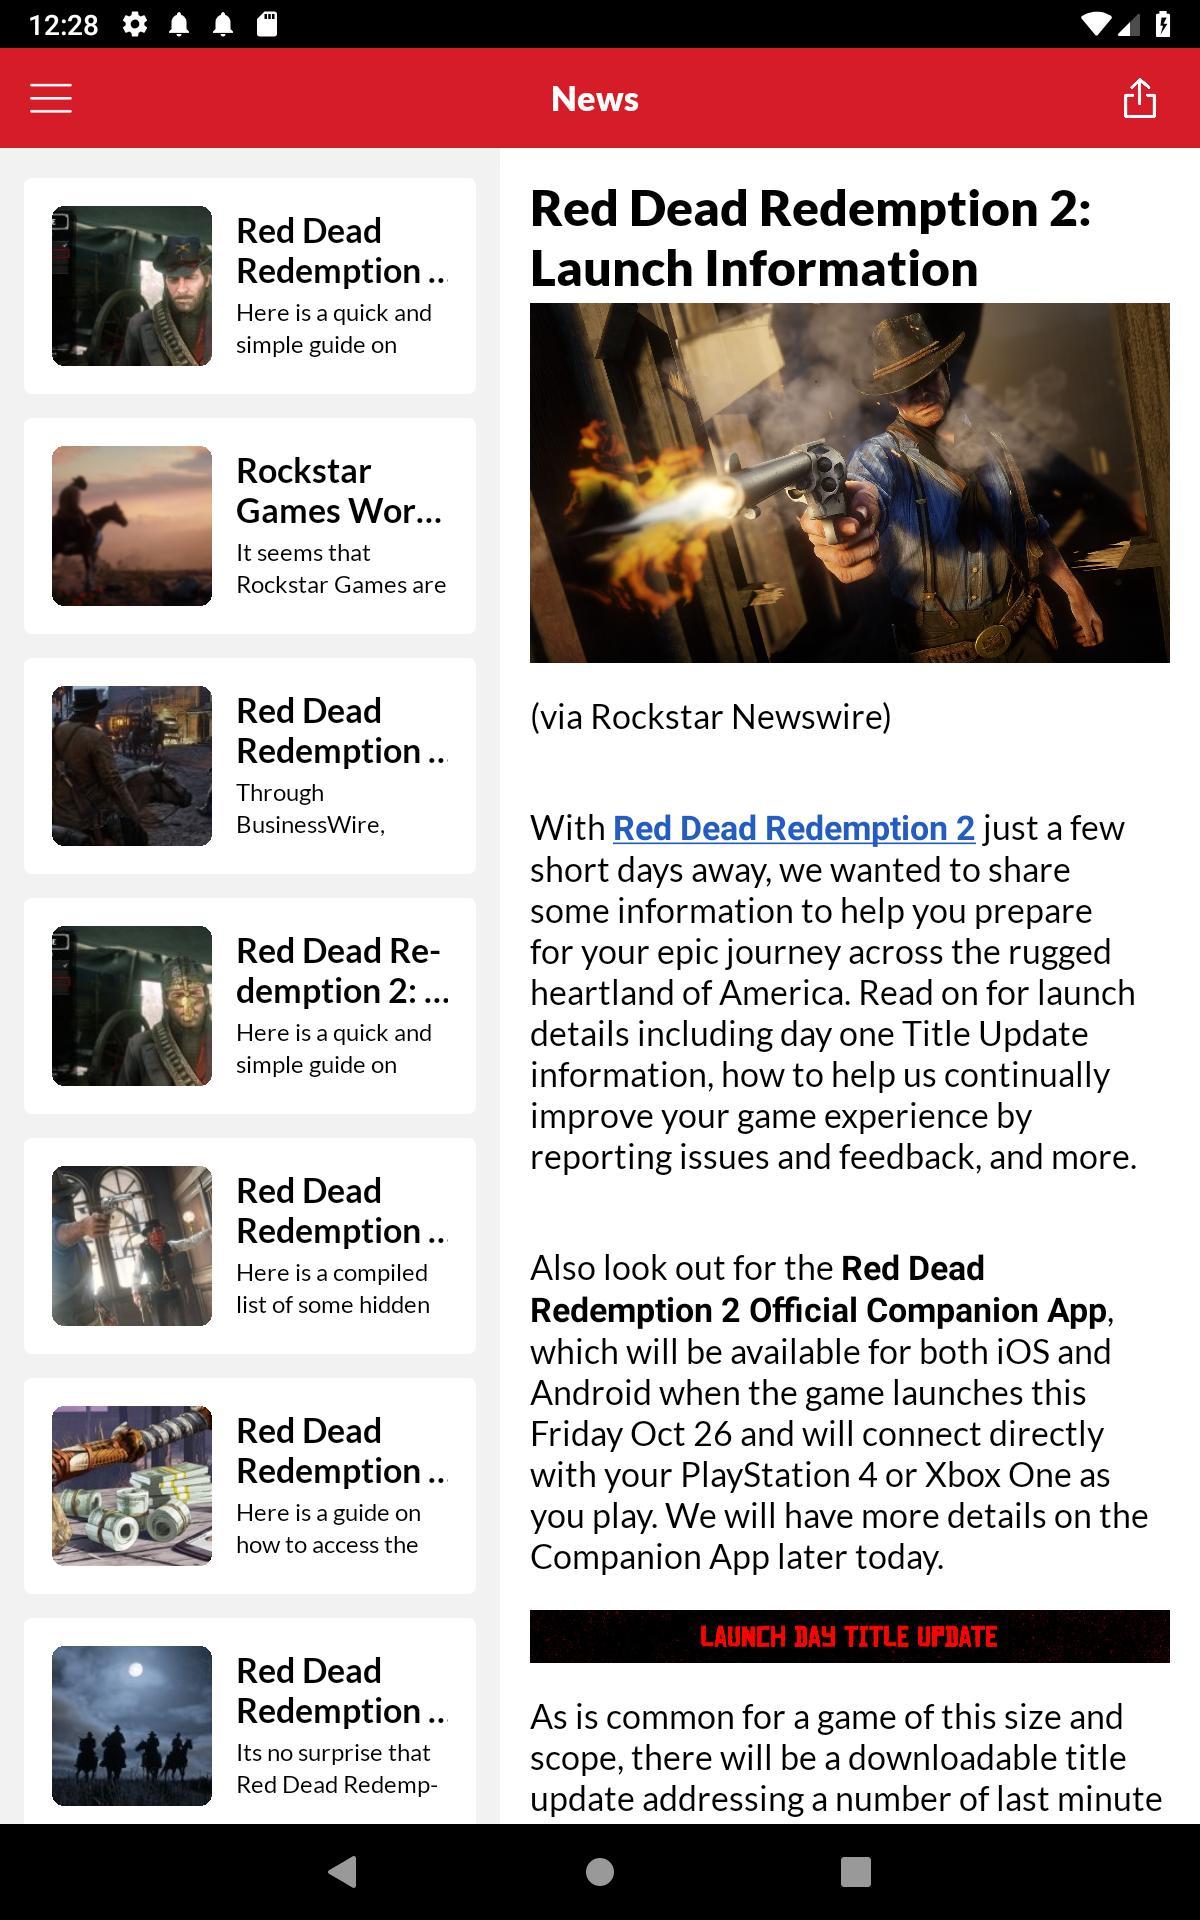 Rdr2 Companion App